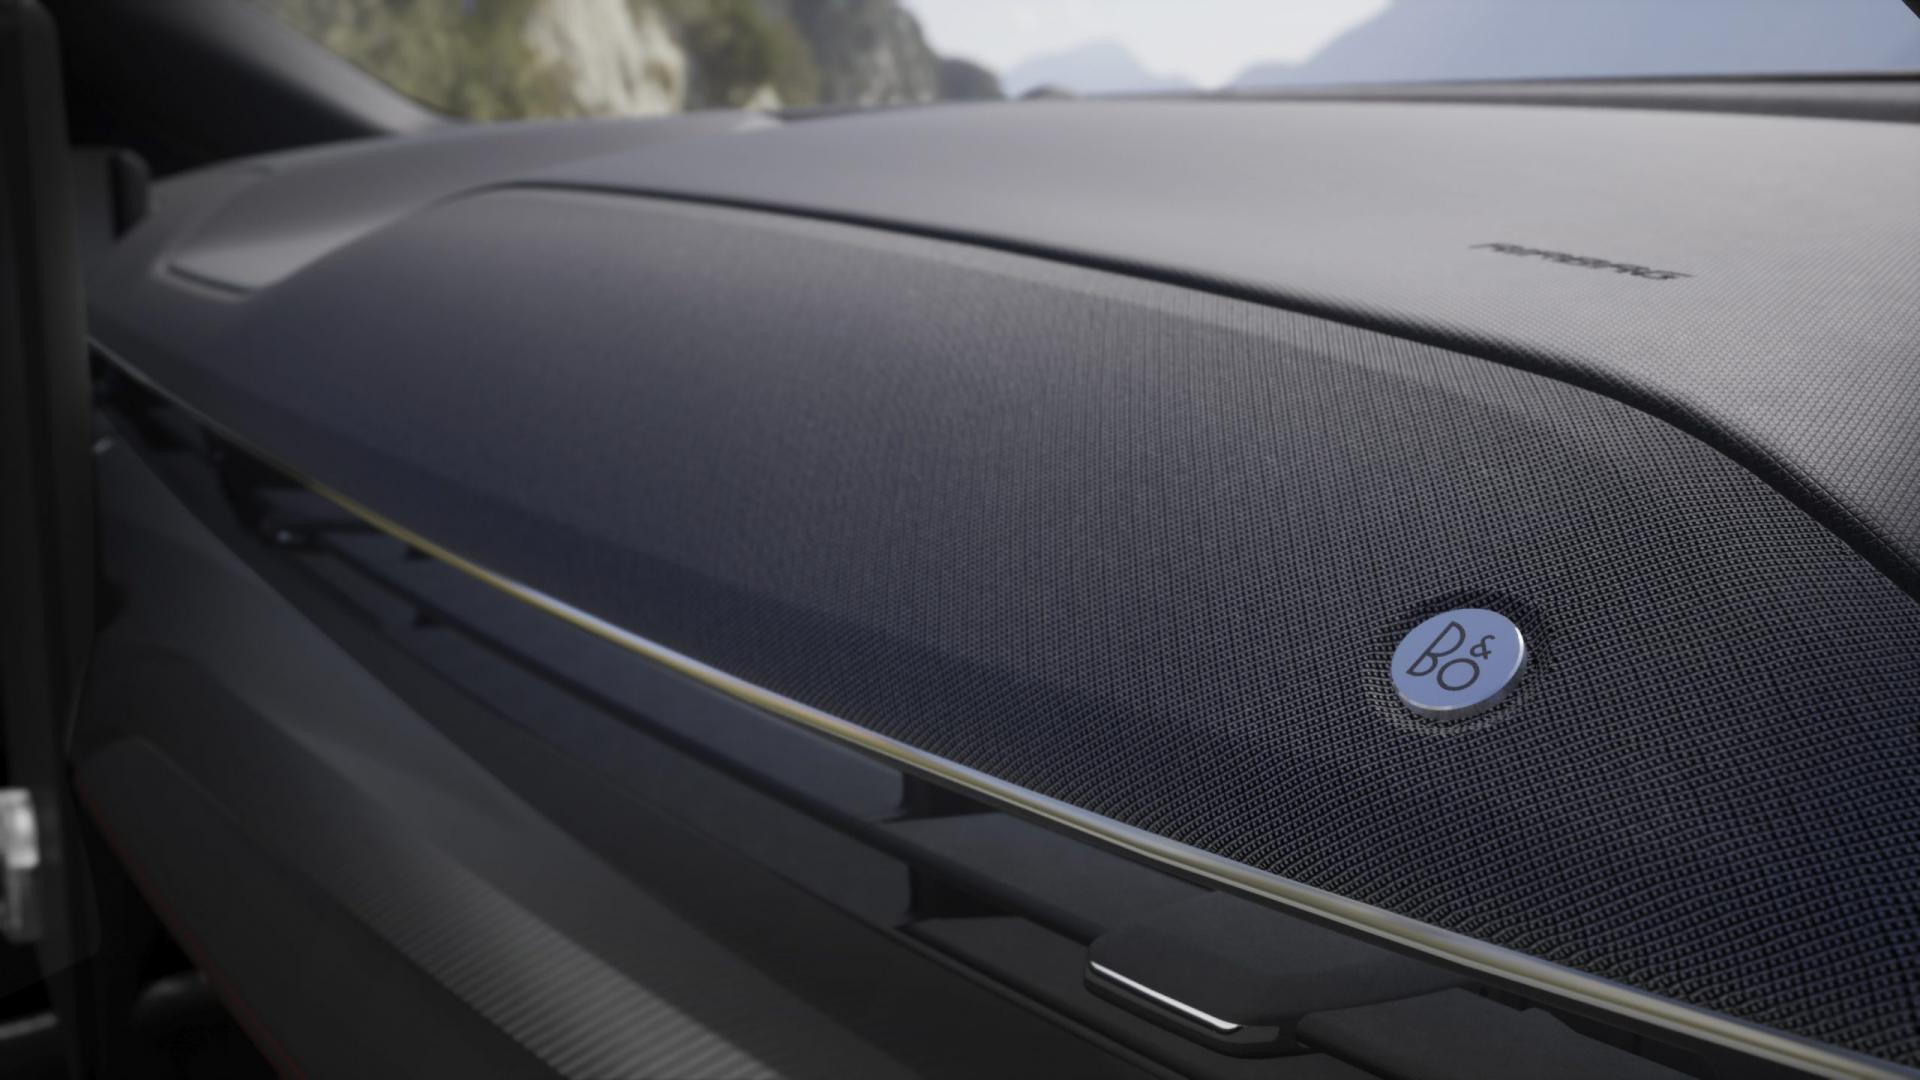 Speaker Ford Mustang Mach-e AWD Extended Range